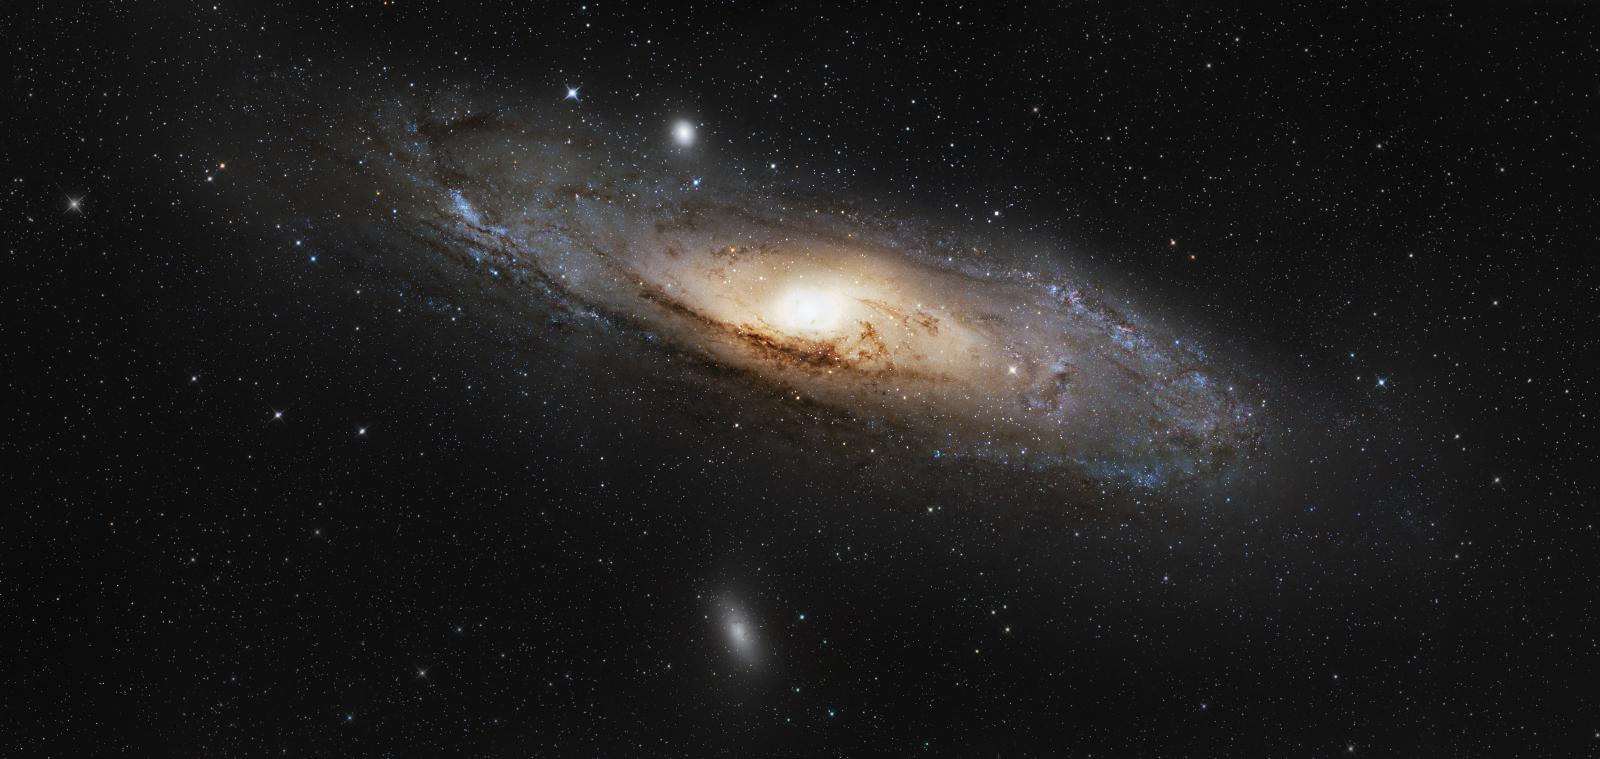 Mosaic of the Andromeda Galaxy - M31, NGC224